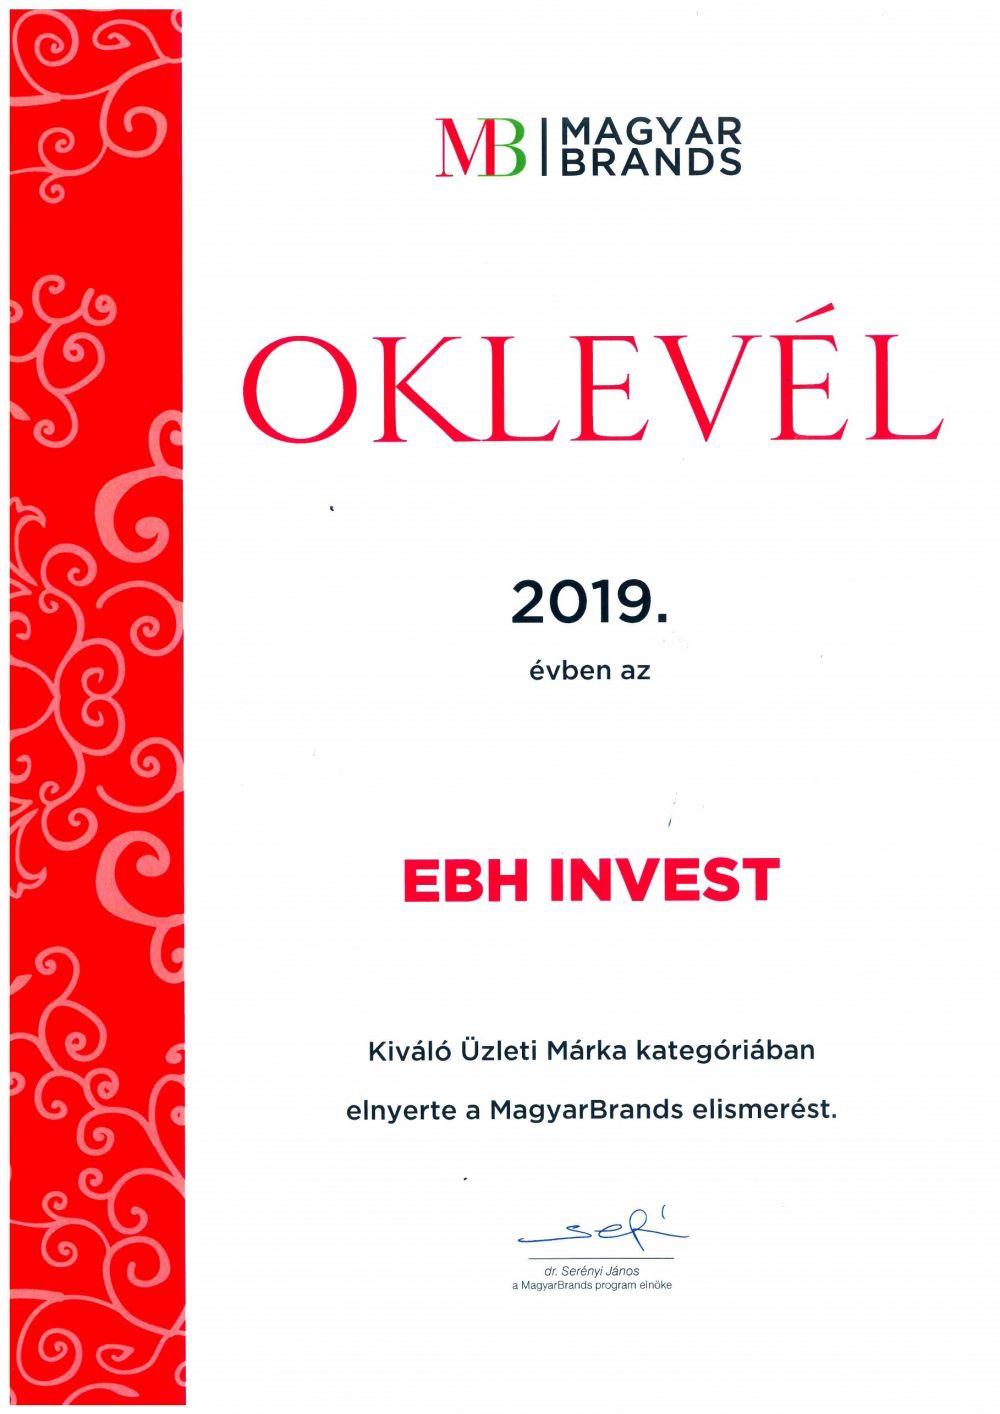 Immár harmadik alkalommal ismét díjazott lett az EB HUNGARY INVEST Kft. a MagyarBrands üzleti kategóriában.